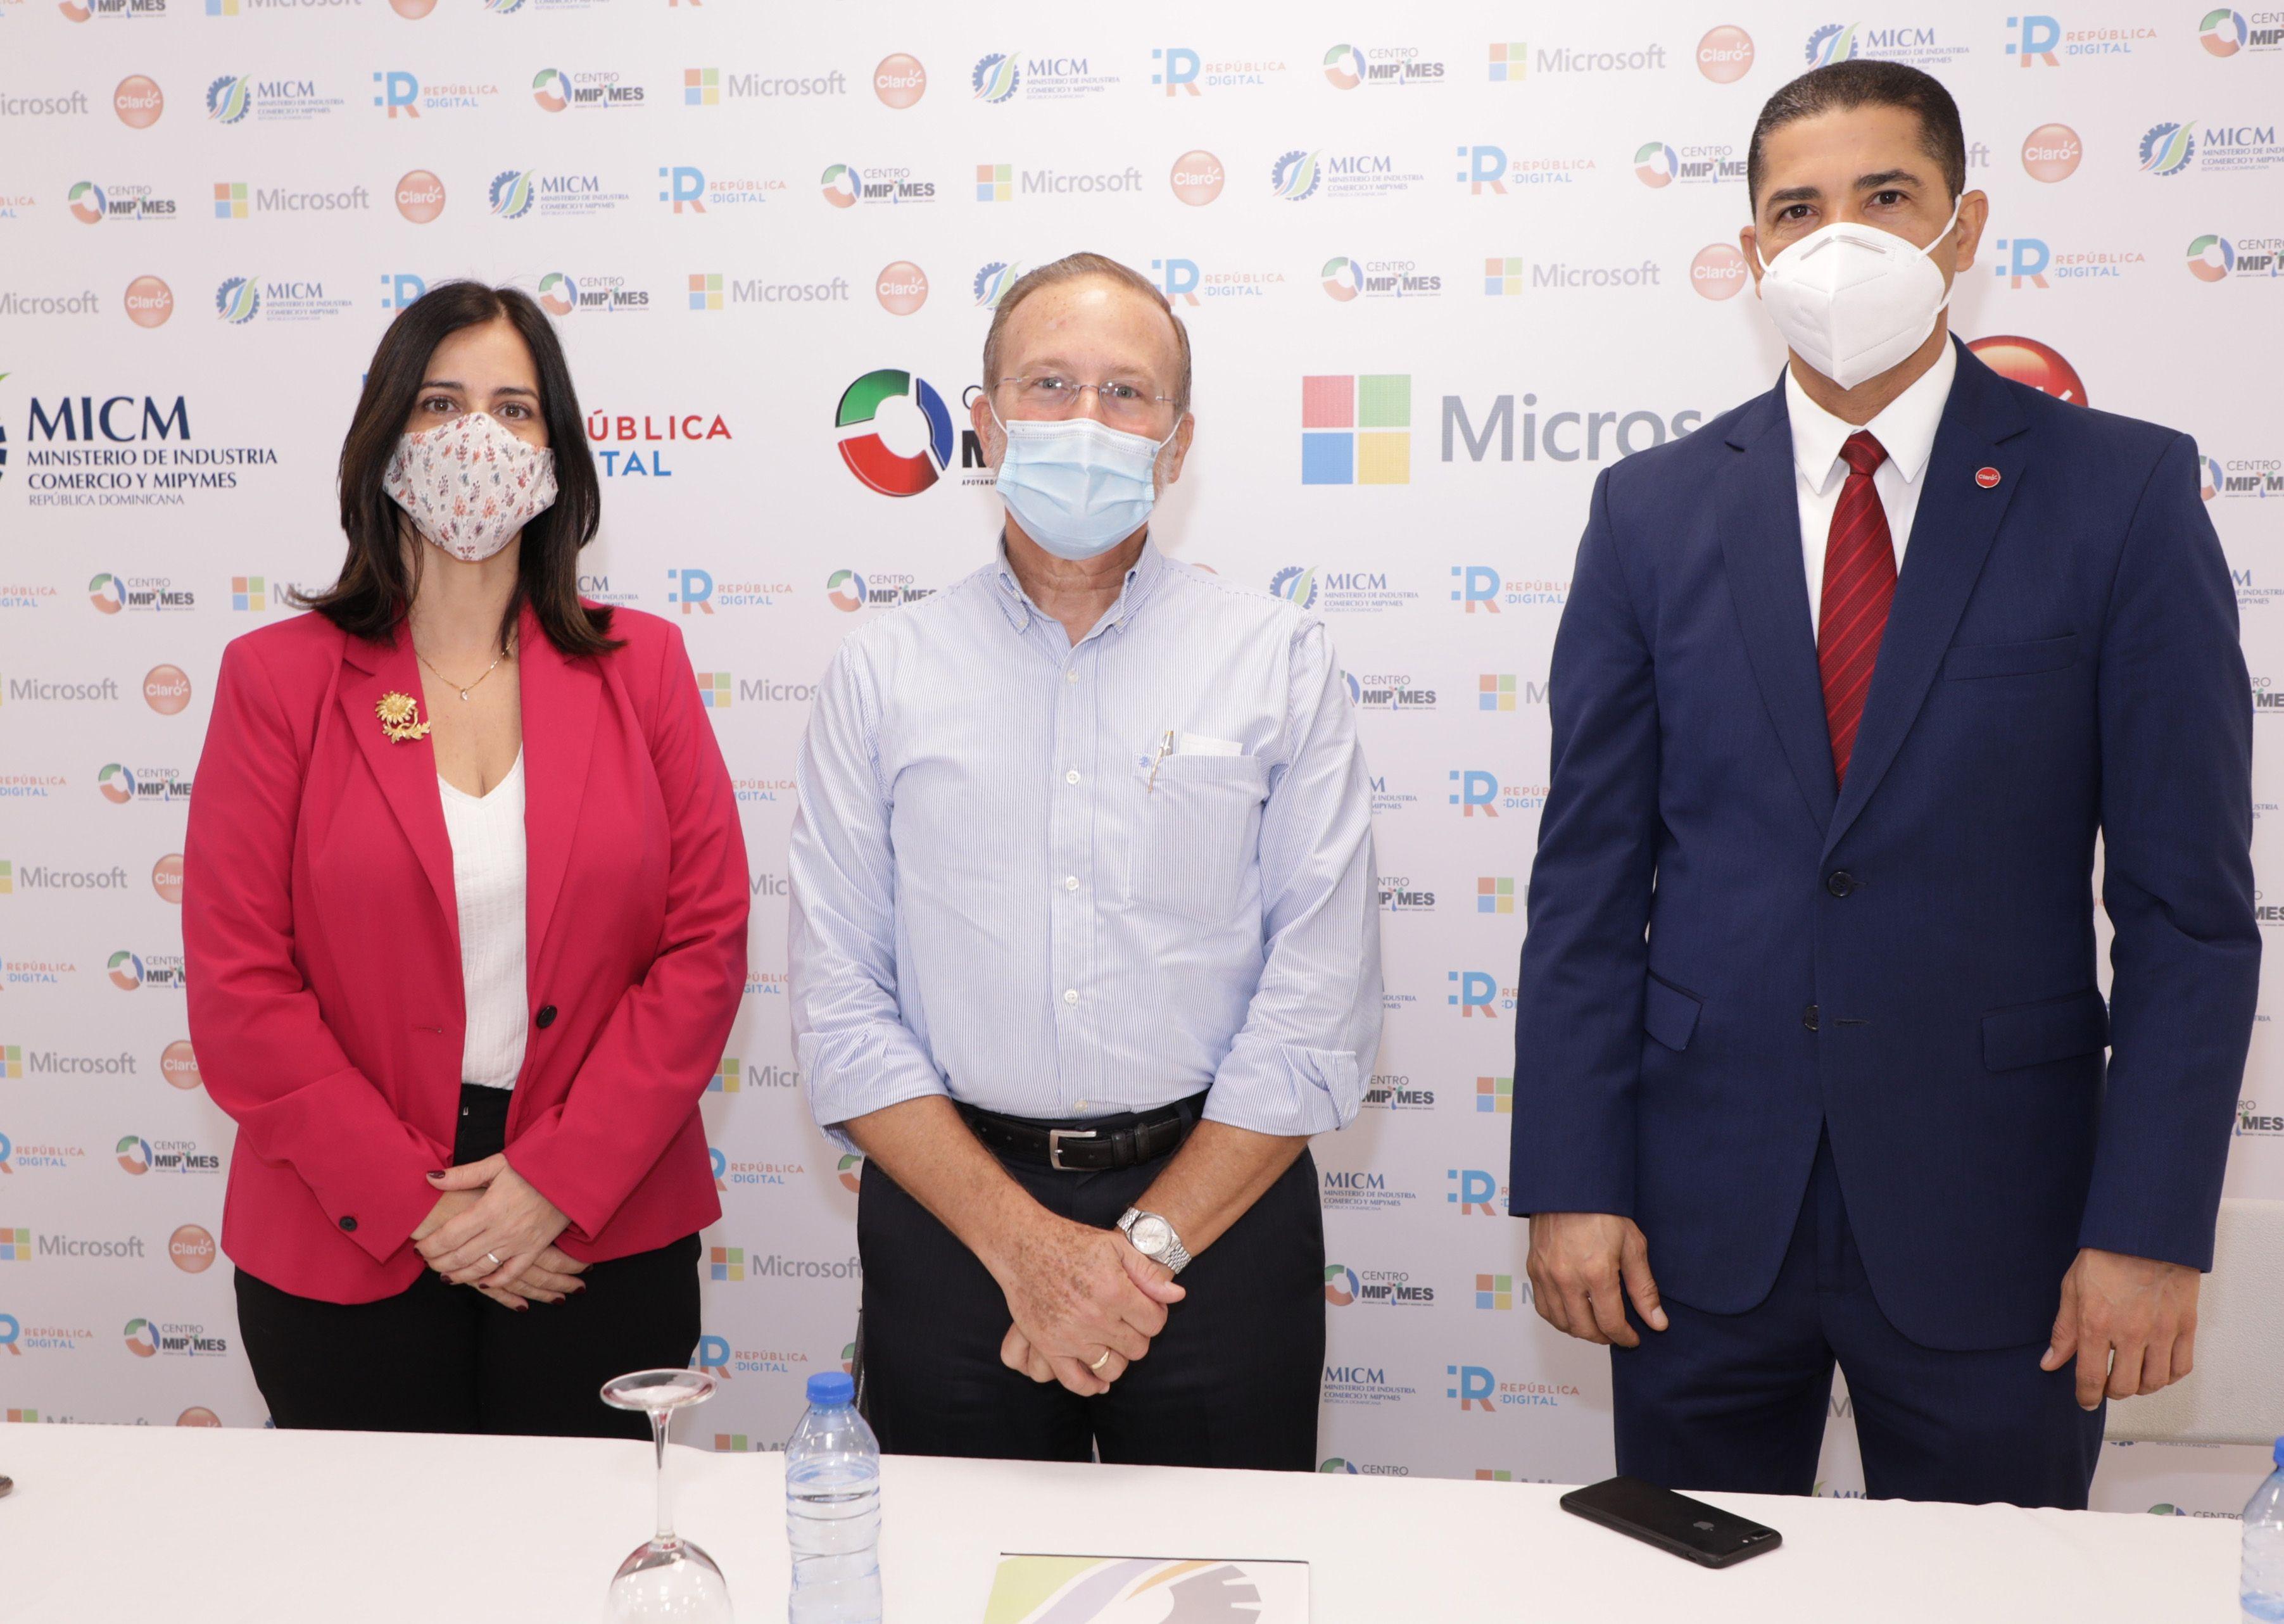 MICM, Claro y Microsoft se unen para impulsar digitalización de mipymes